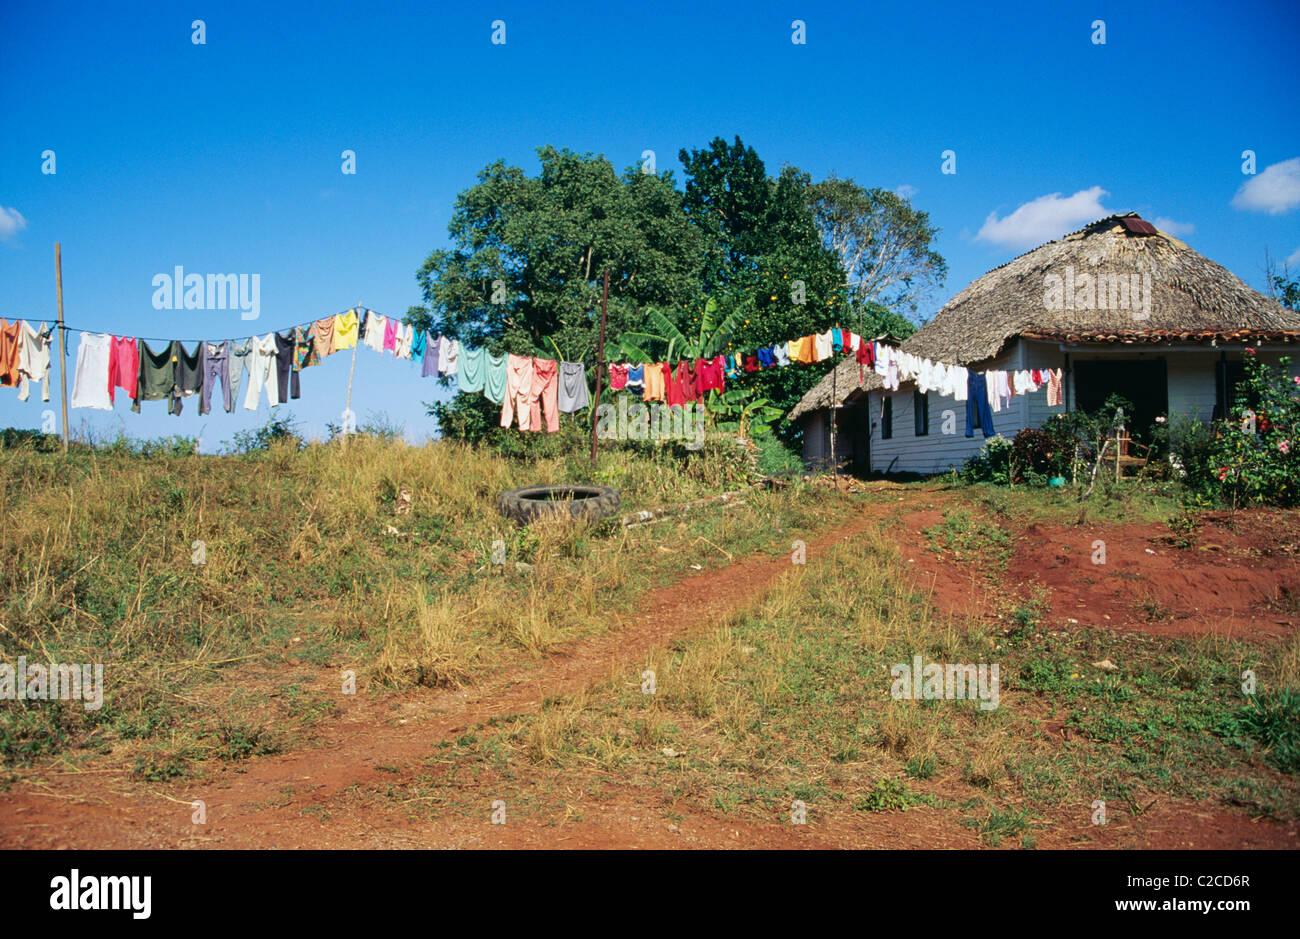 Campesino Life  Cuba - Stock Image